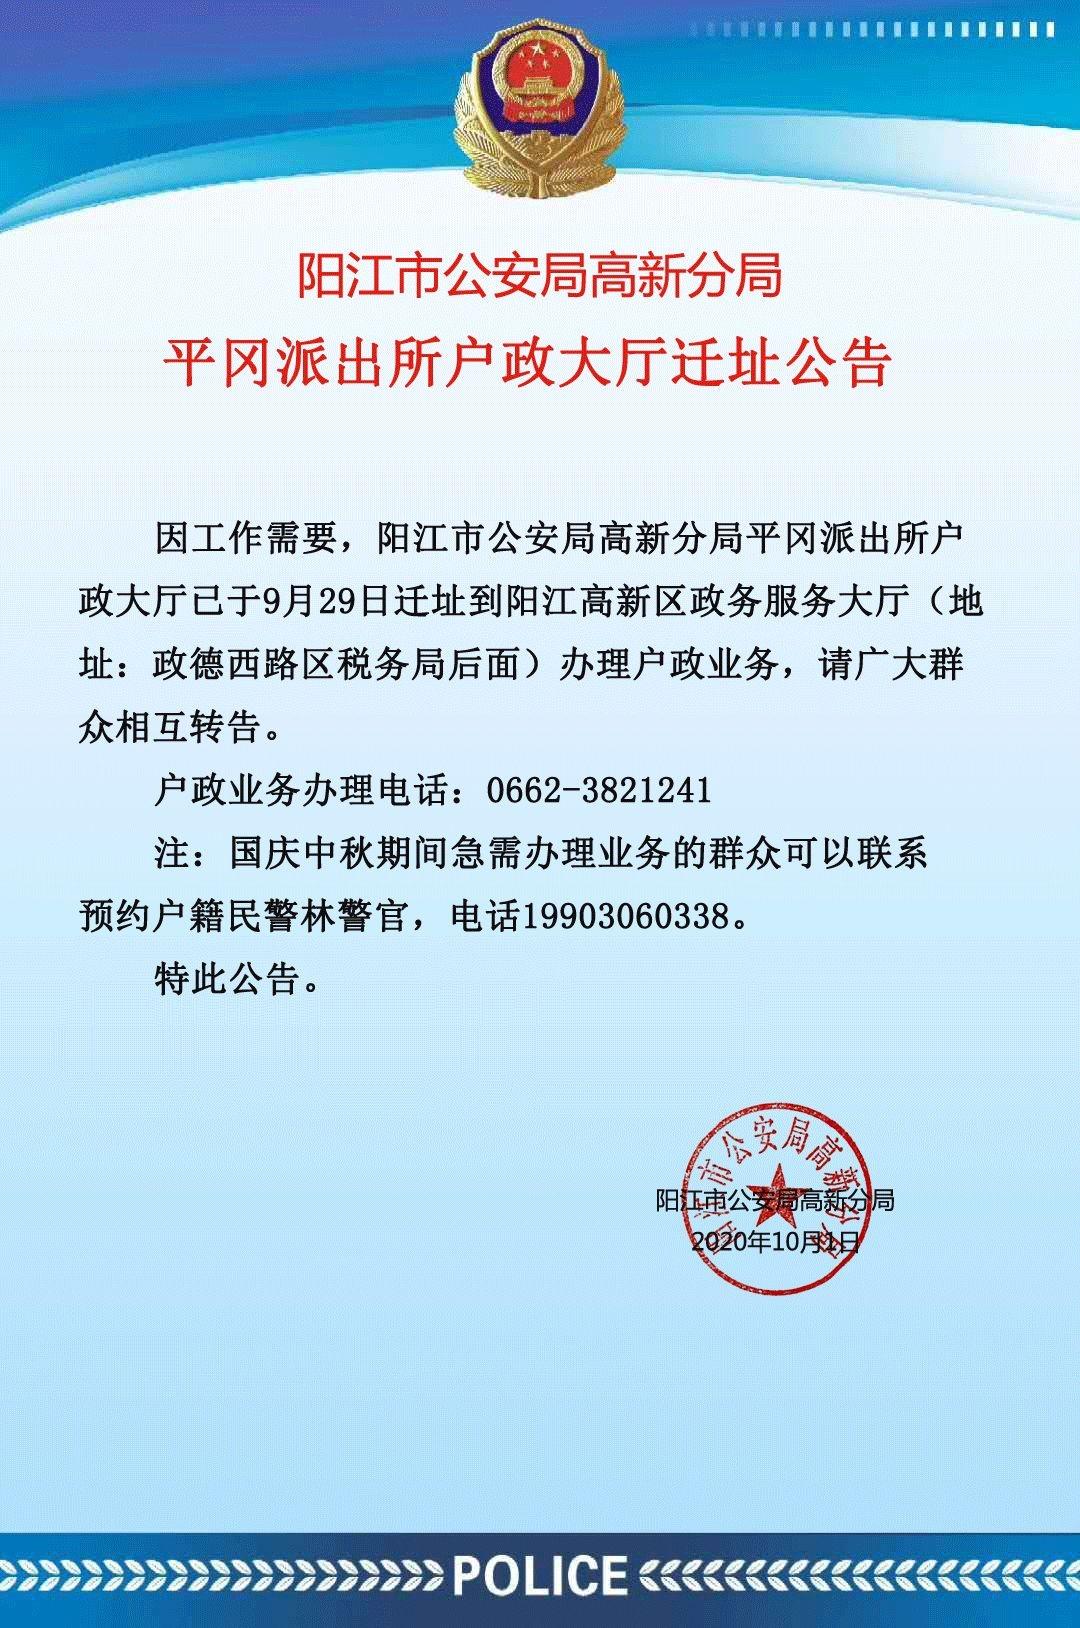 阳江市公安局高新分局平冈派出所户政大厅迁址公告